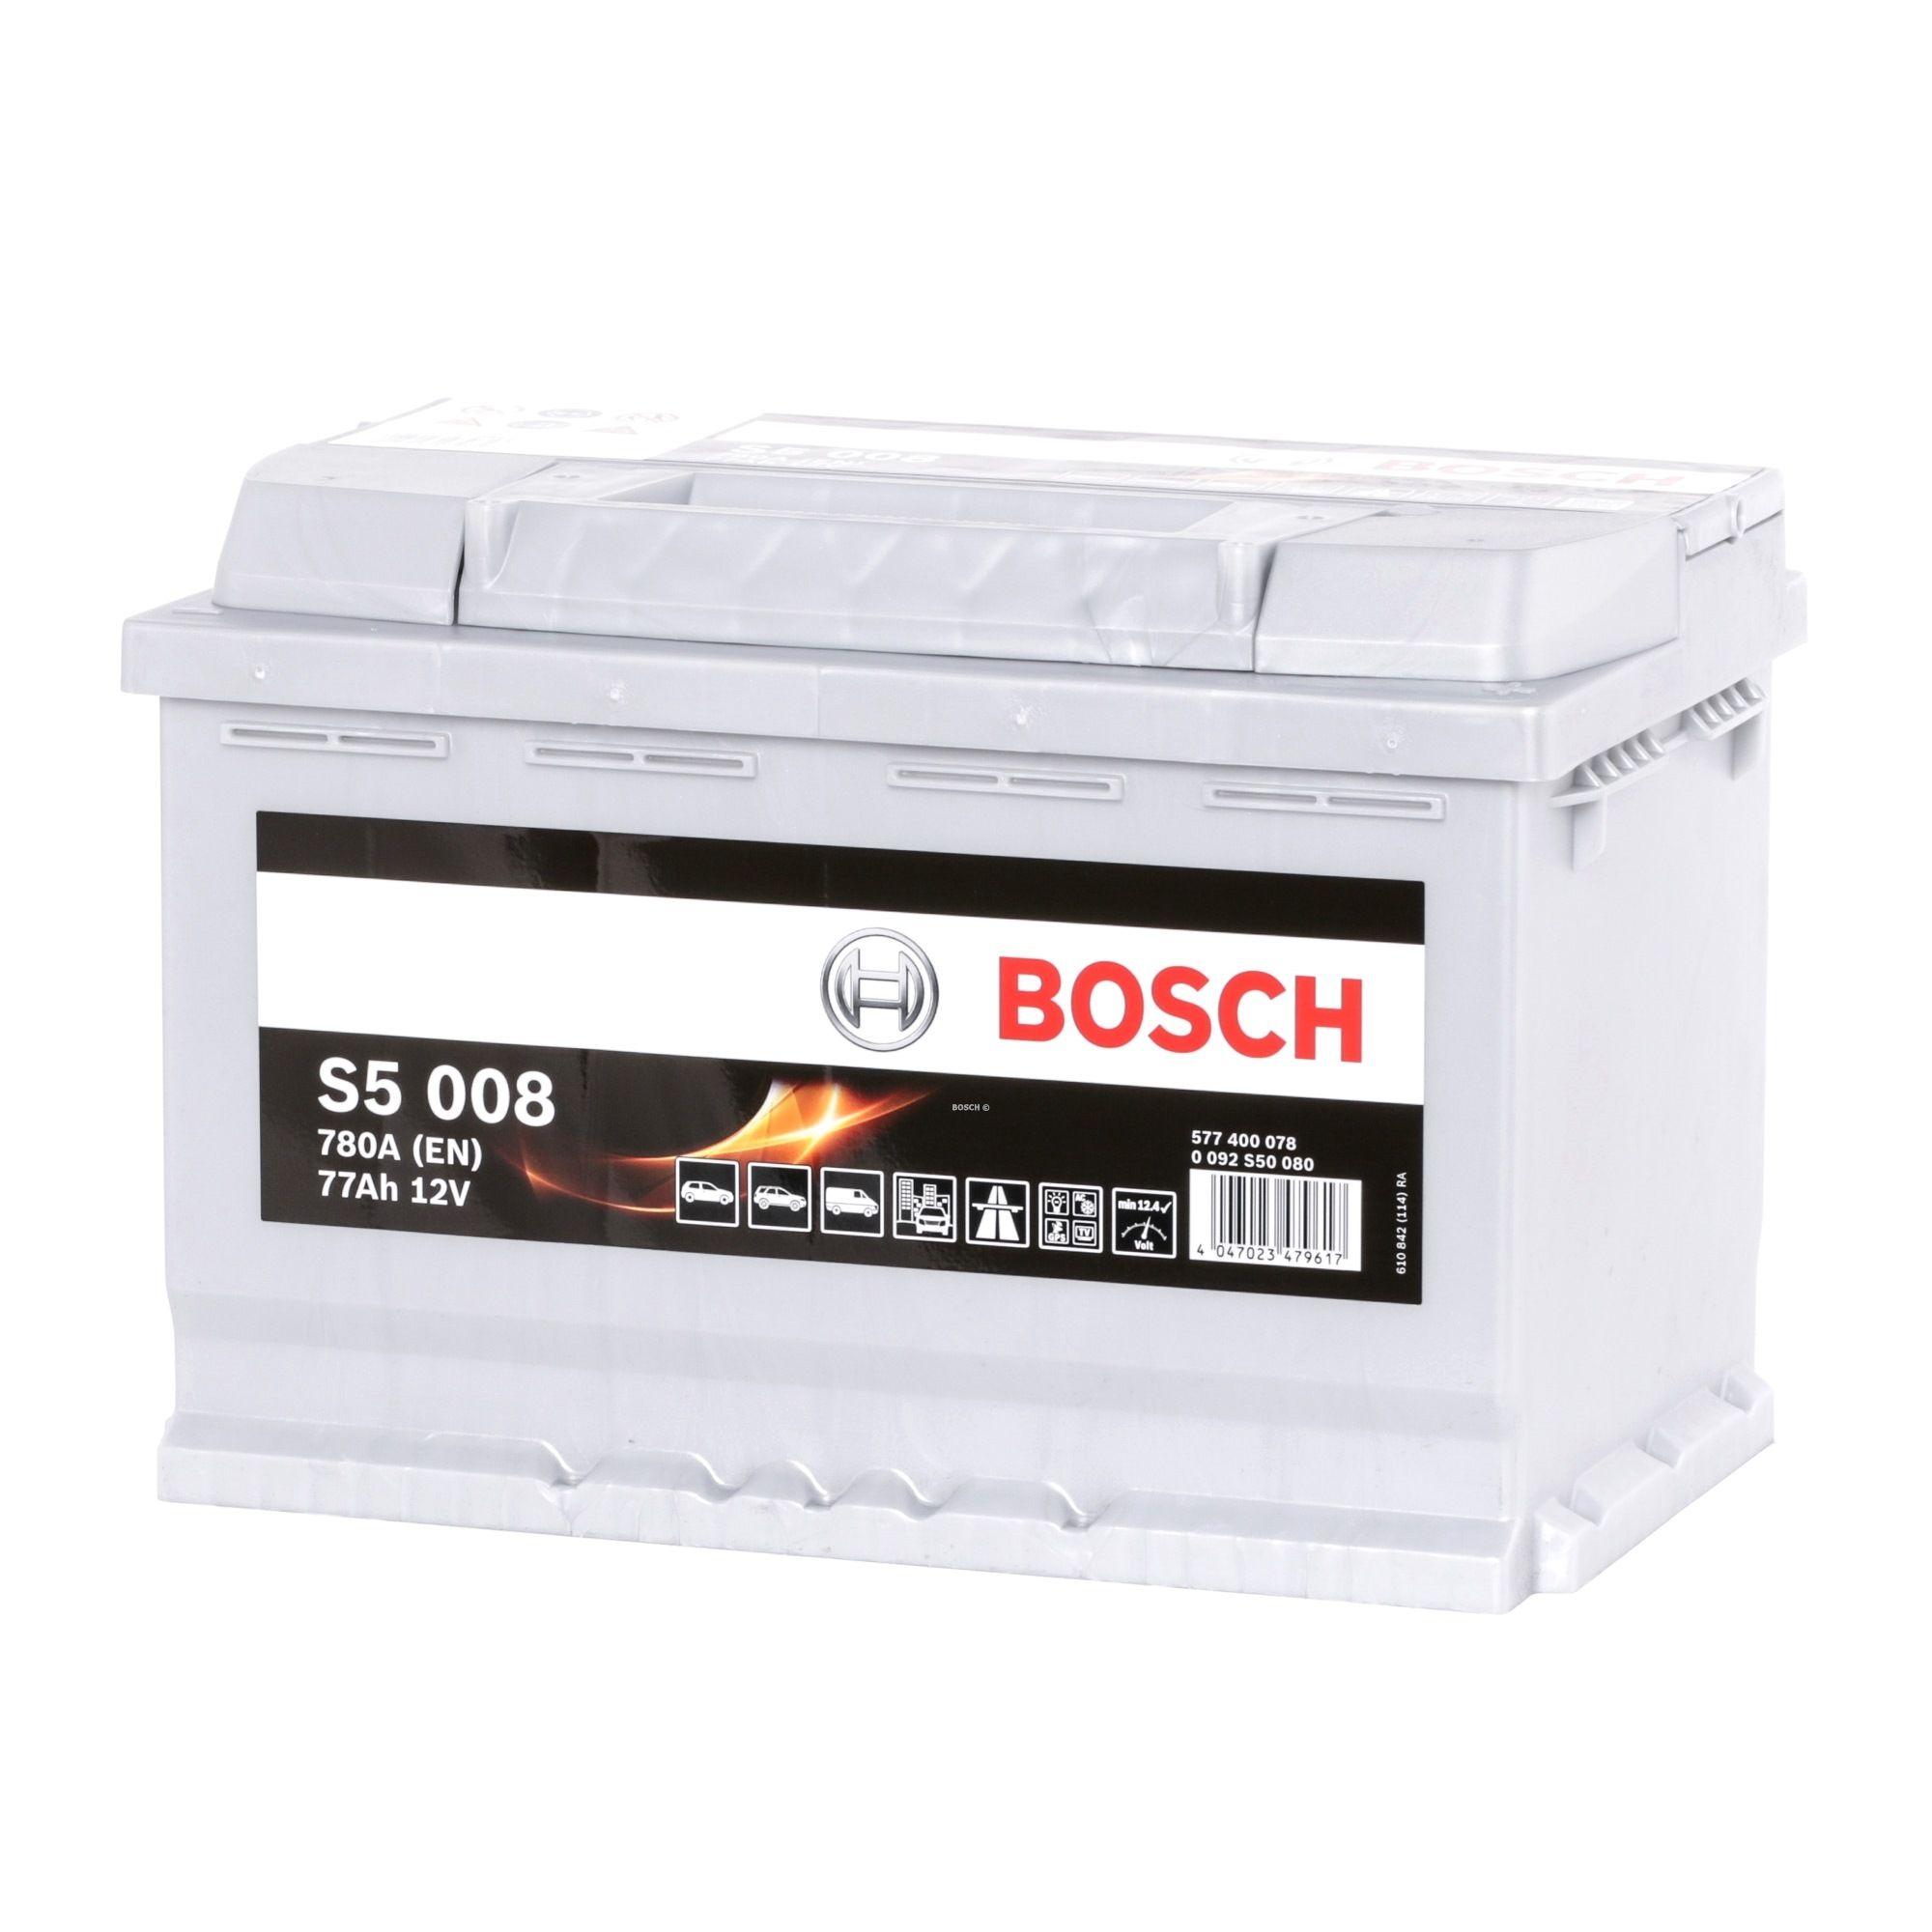 Batterie BOSCH 577400078 Bewertung